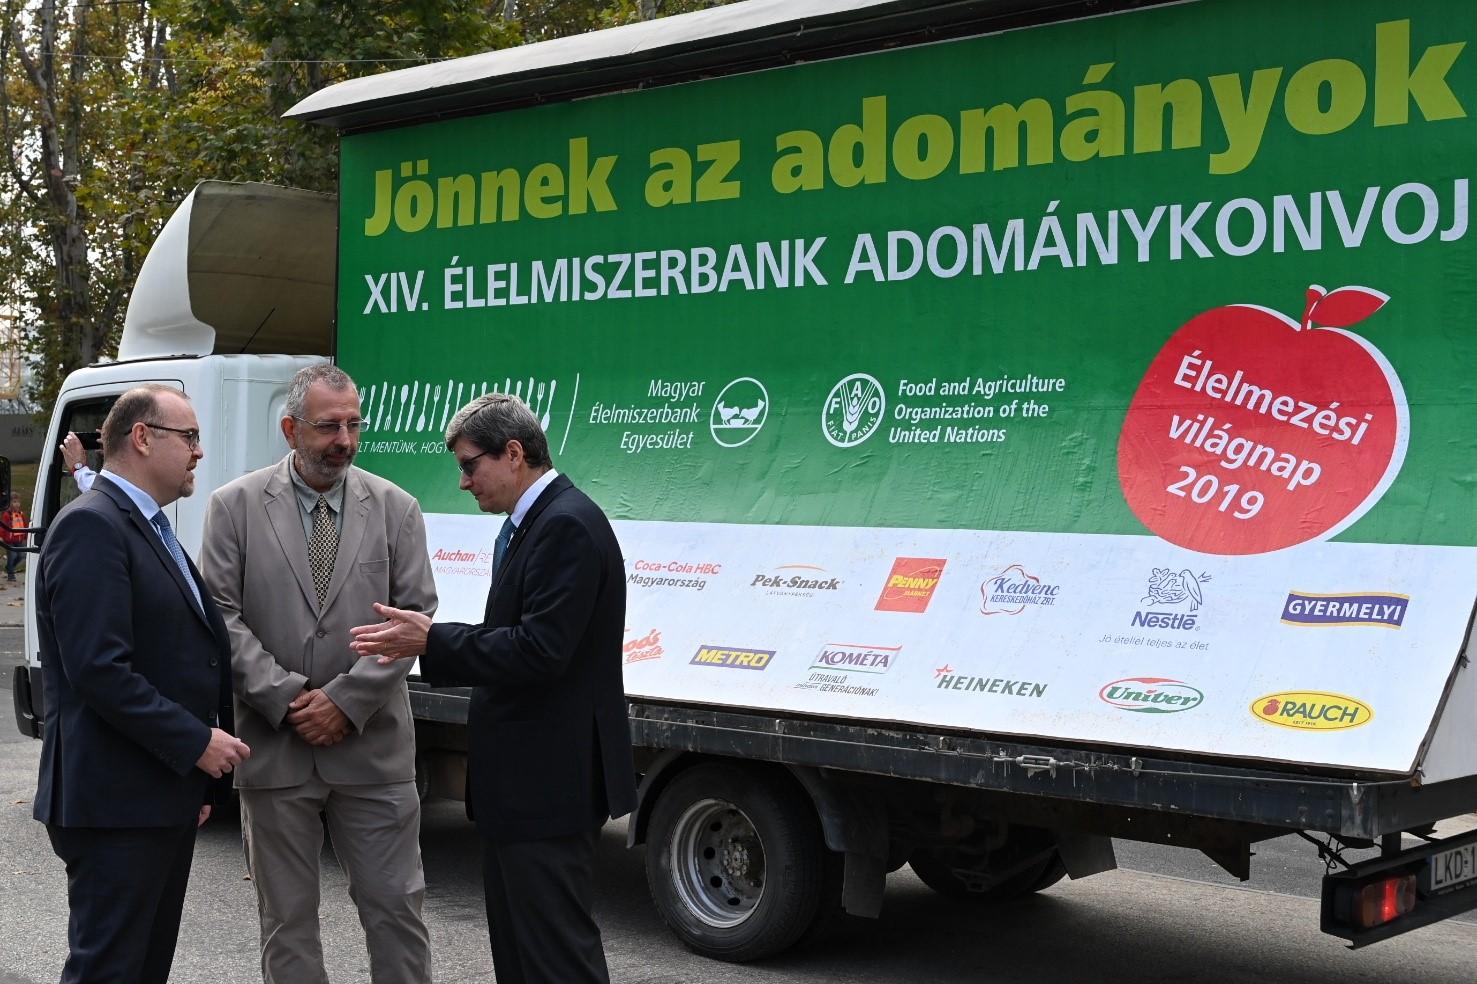 Rekordmennyiségű élelmiszert szállított az élelmezési világnapi konvoj